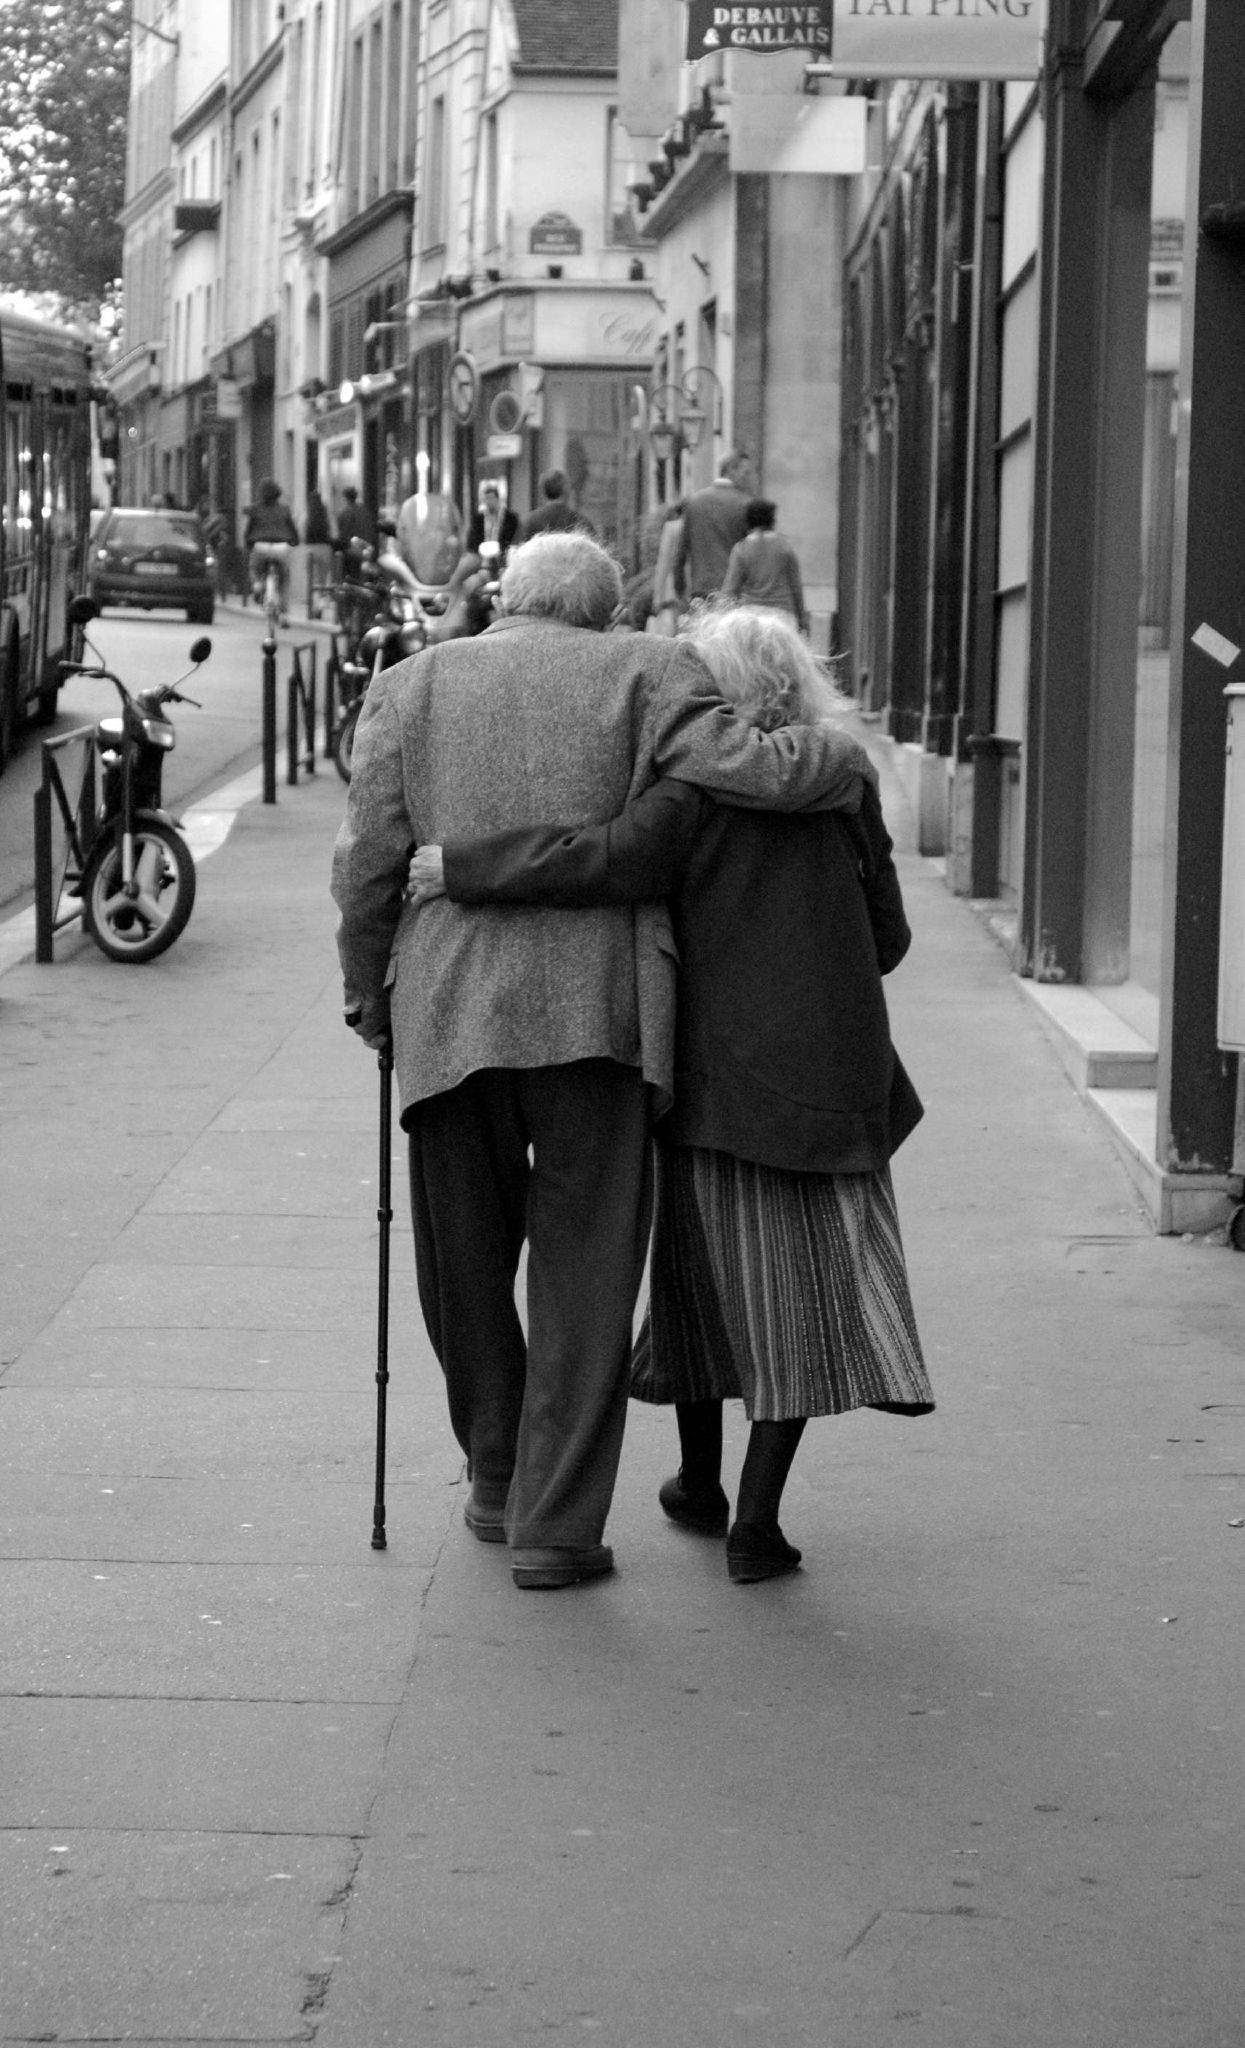 Un couple de personne âgées | Photo: Flickr